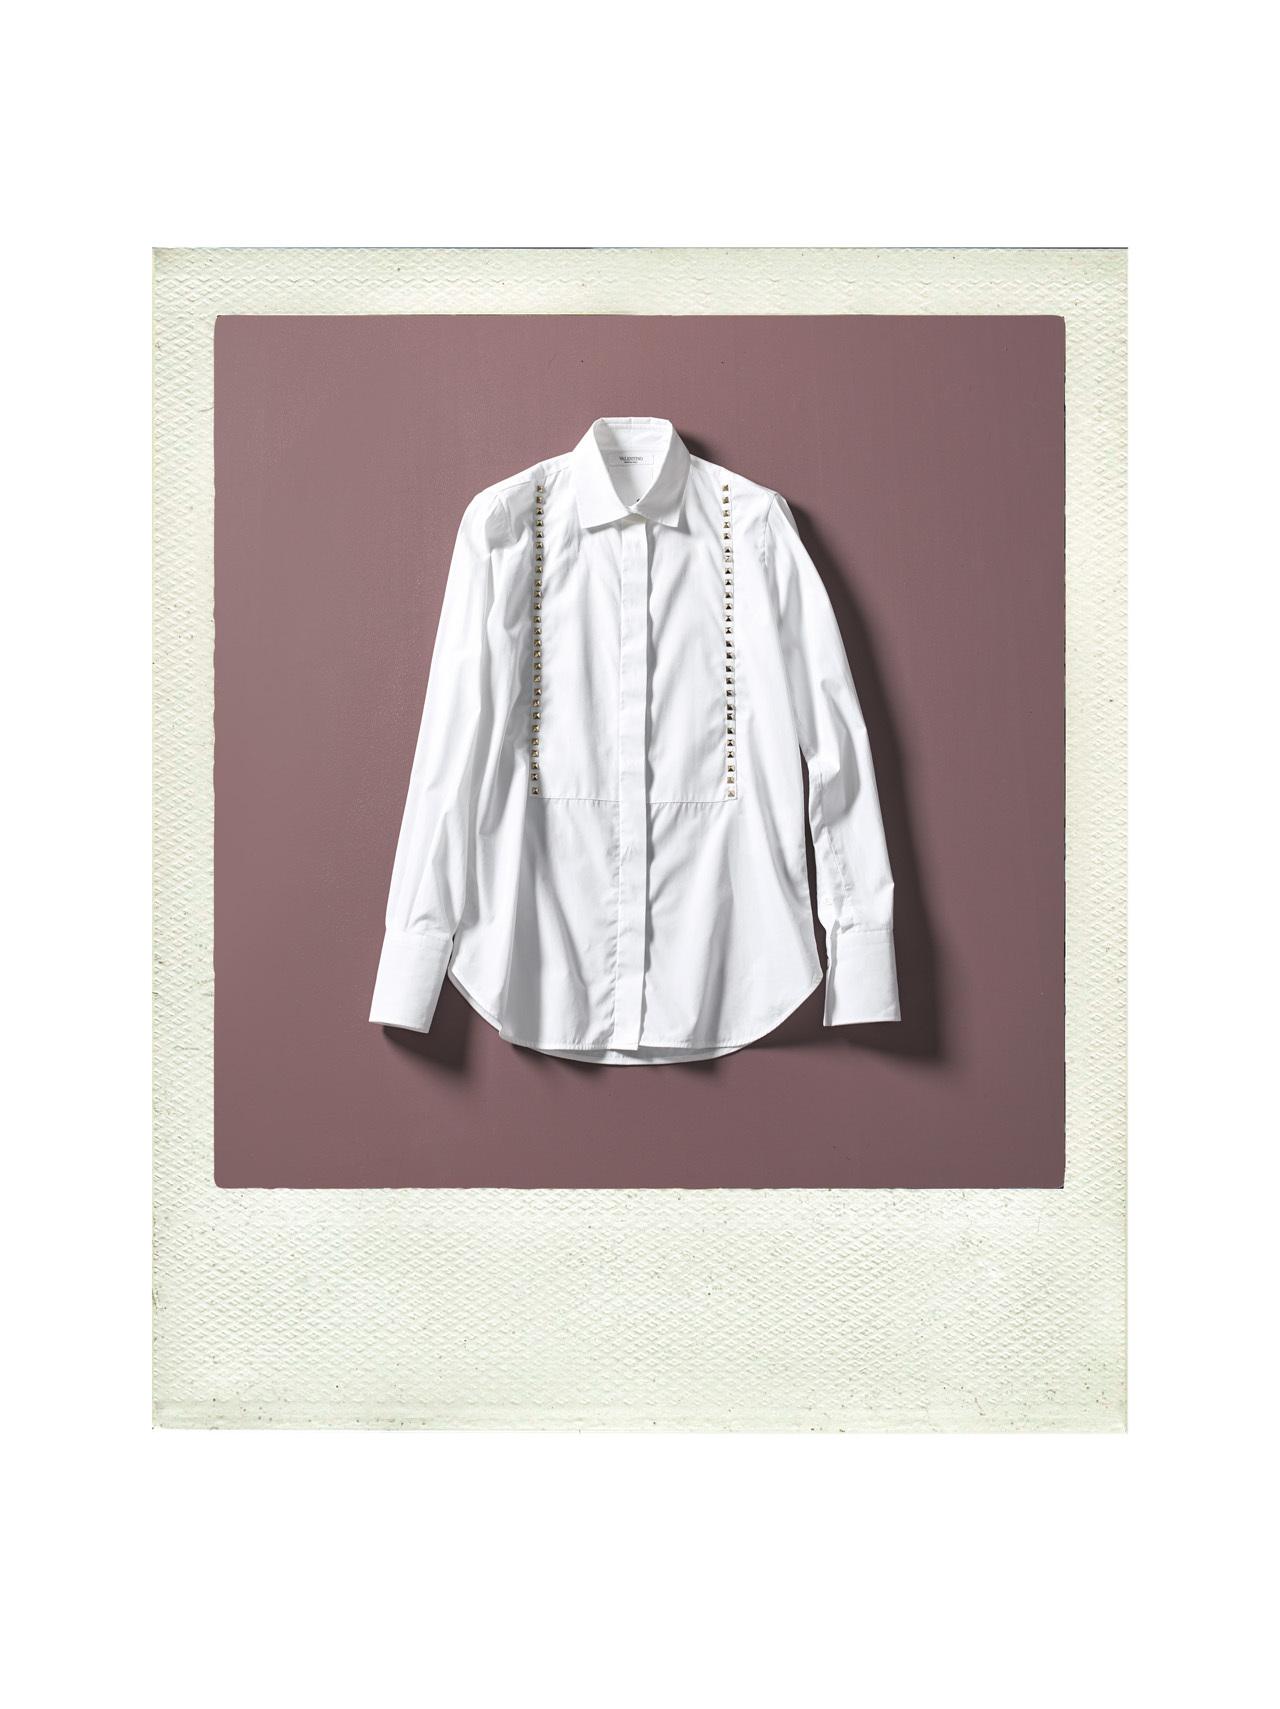 ファッションのプロがこの秋まず手に入れたもの五選 Part1_1_1